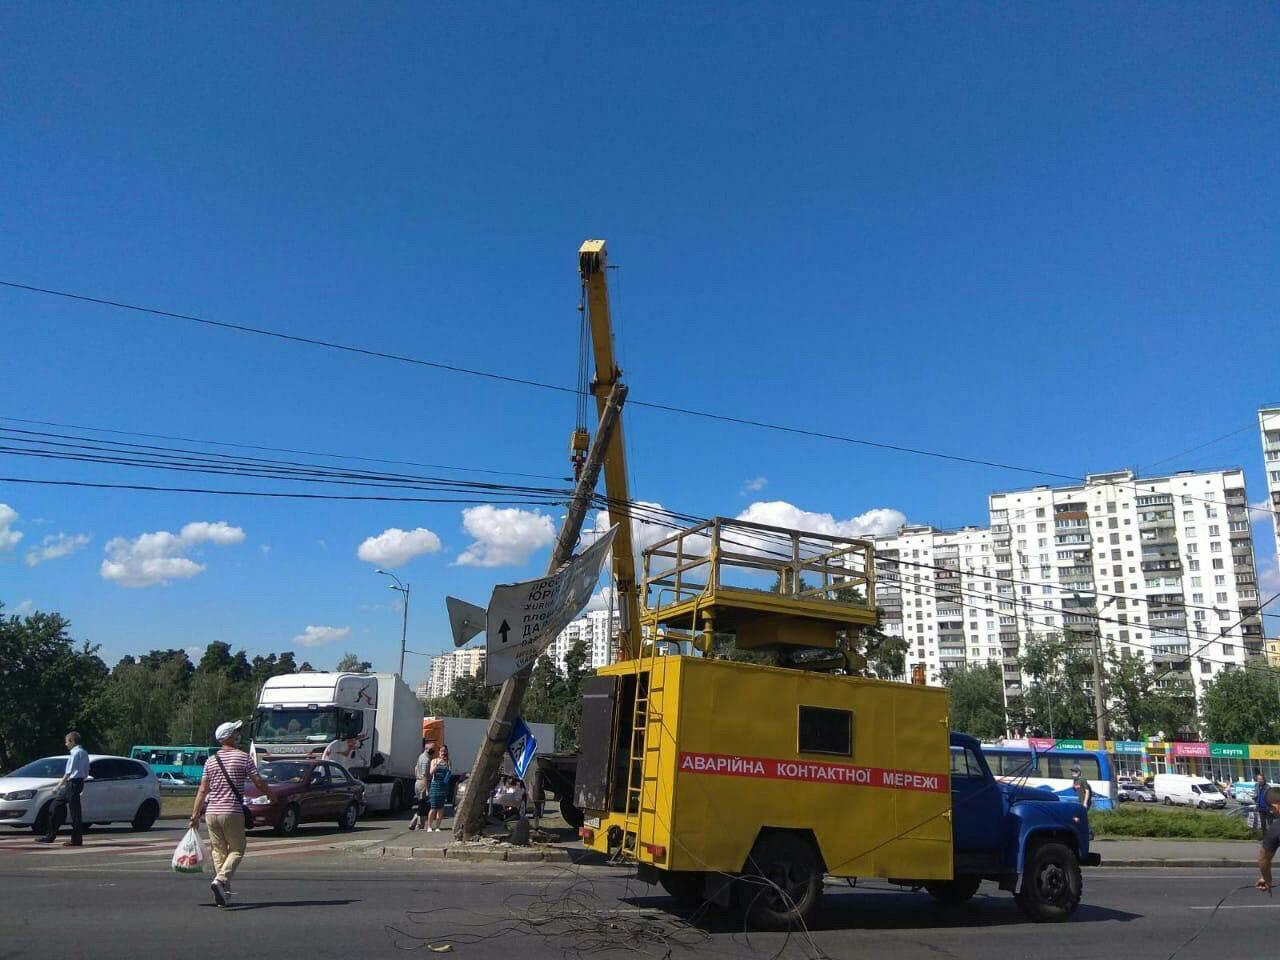 У Києві екскаватор збив електроопору - місто Київ, ДТП - photo 2020 08 04 12 40 19